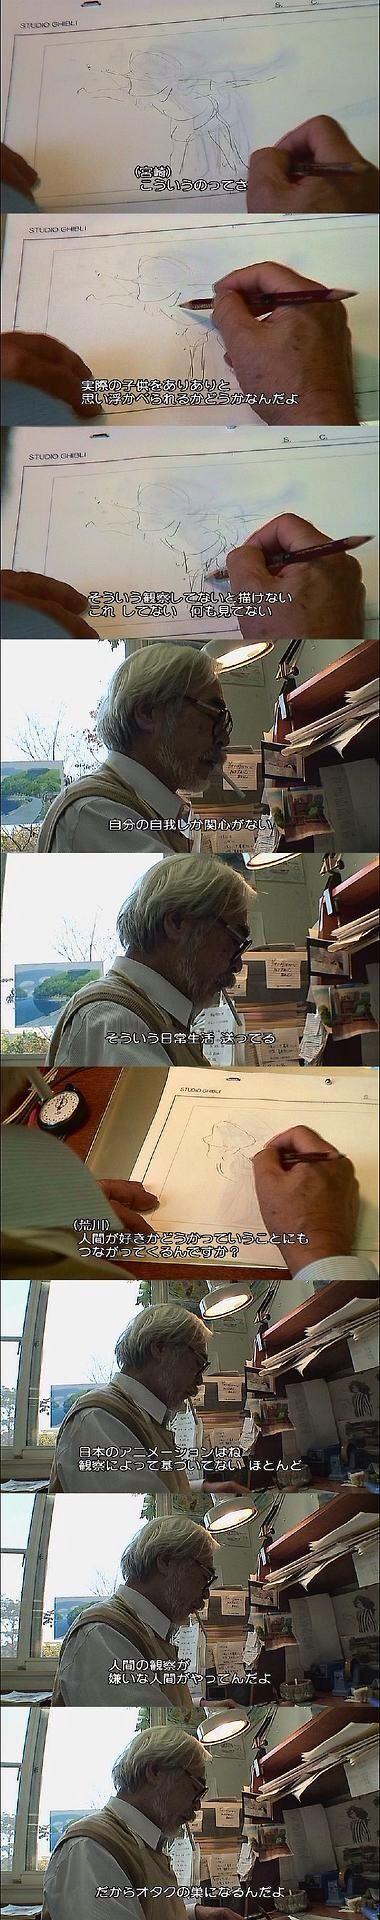 宮崎駿「日本のアニメは人間の観察が嫌いな人間がやってる」